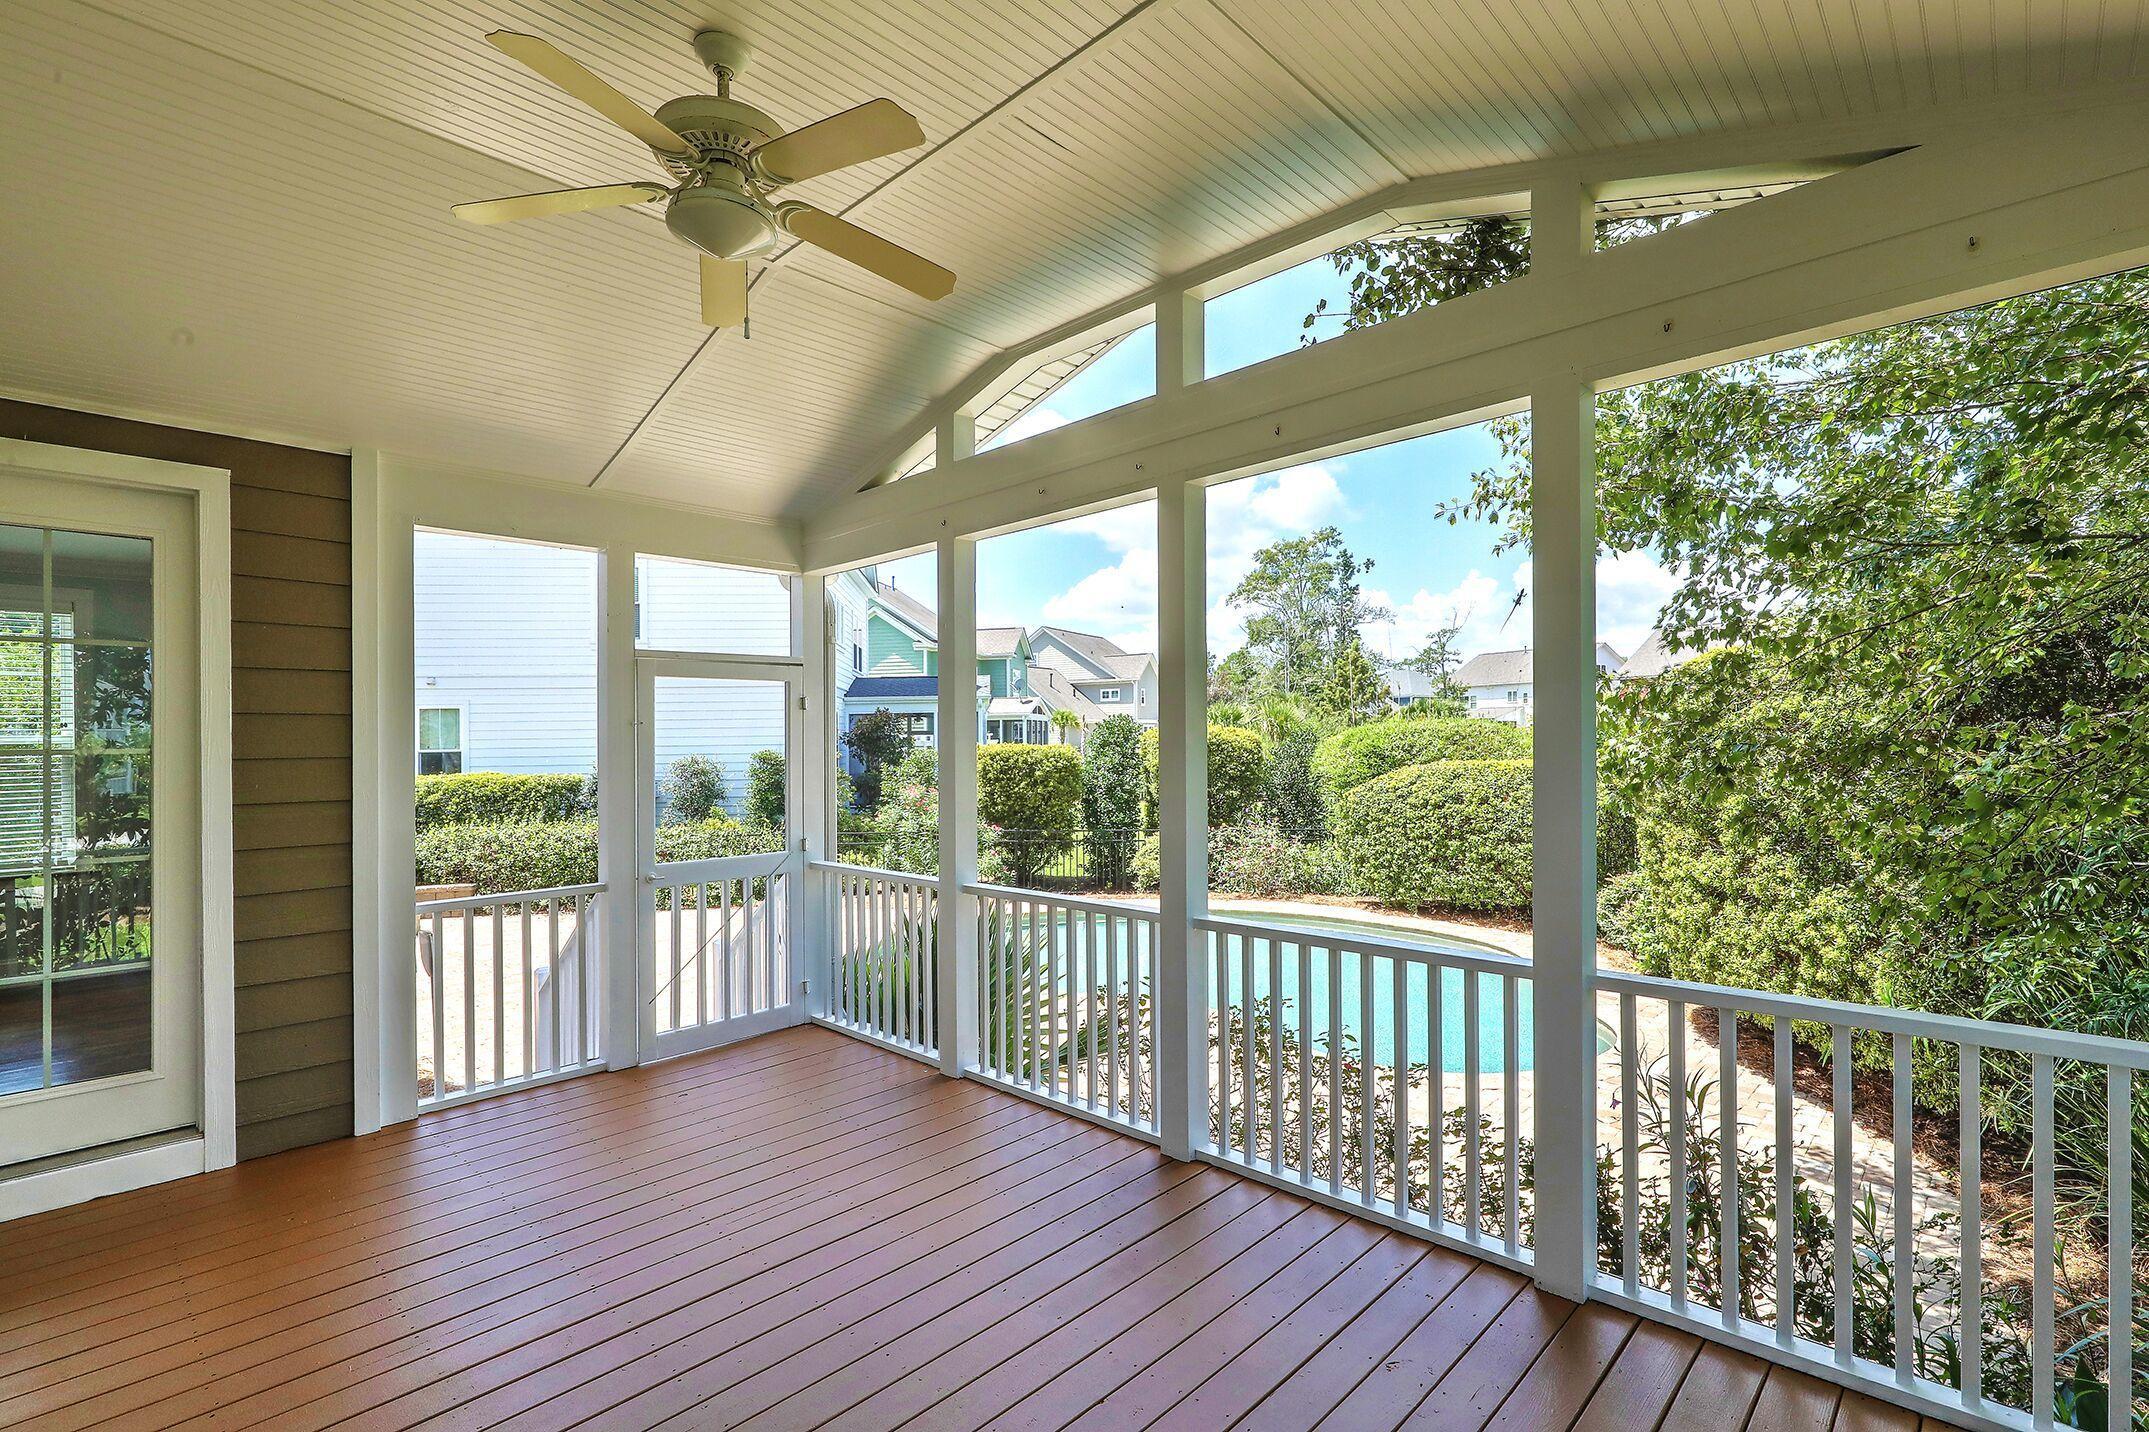 Dunes West Homes For Sale - 2970 Sturbridge, Mount Pleasant, SC - 34